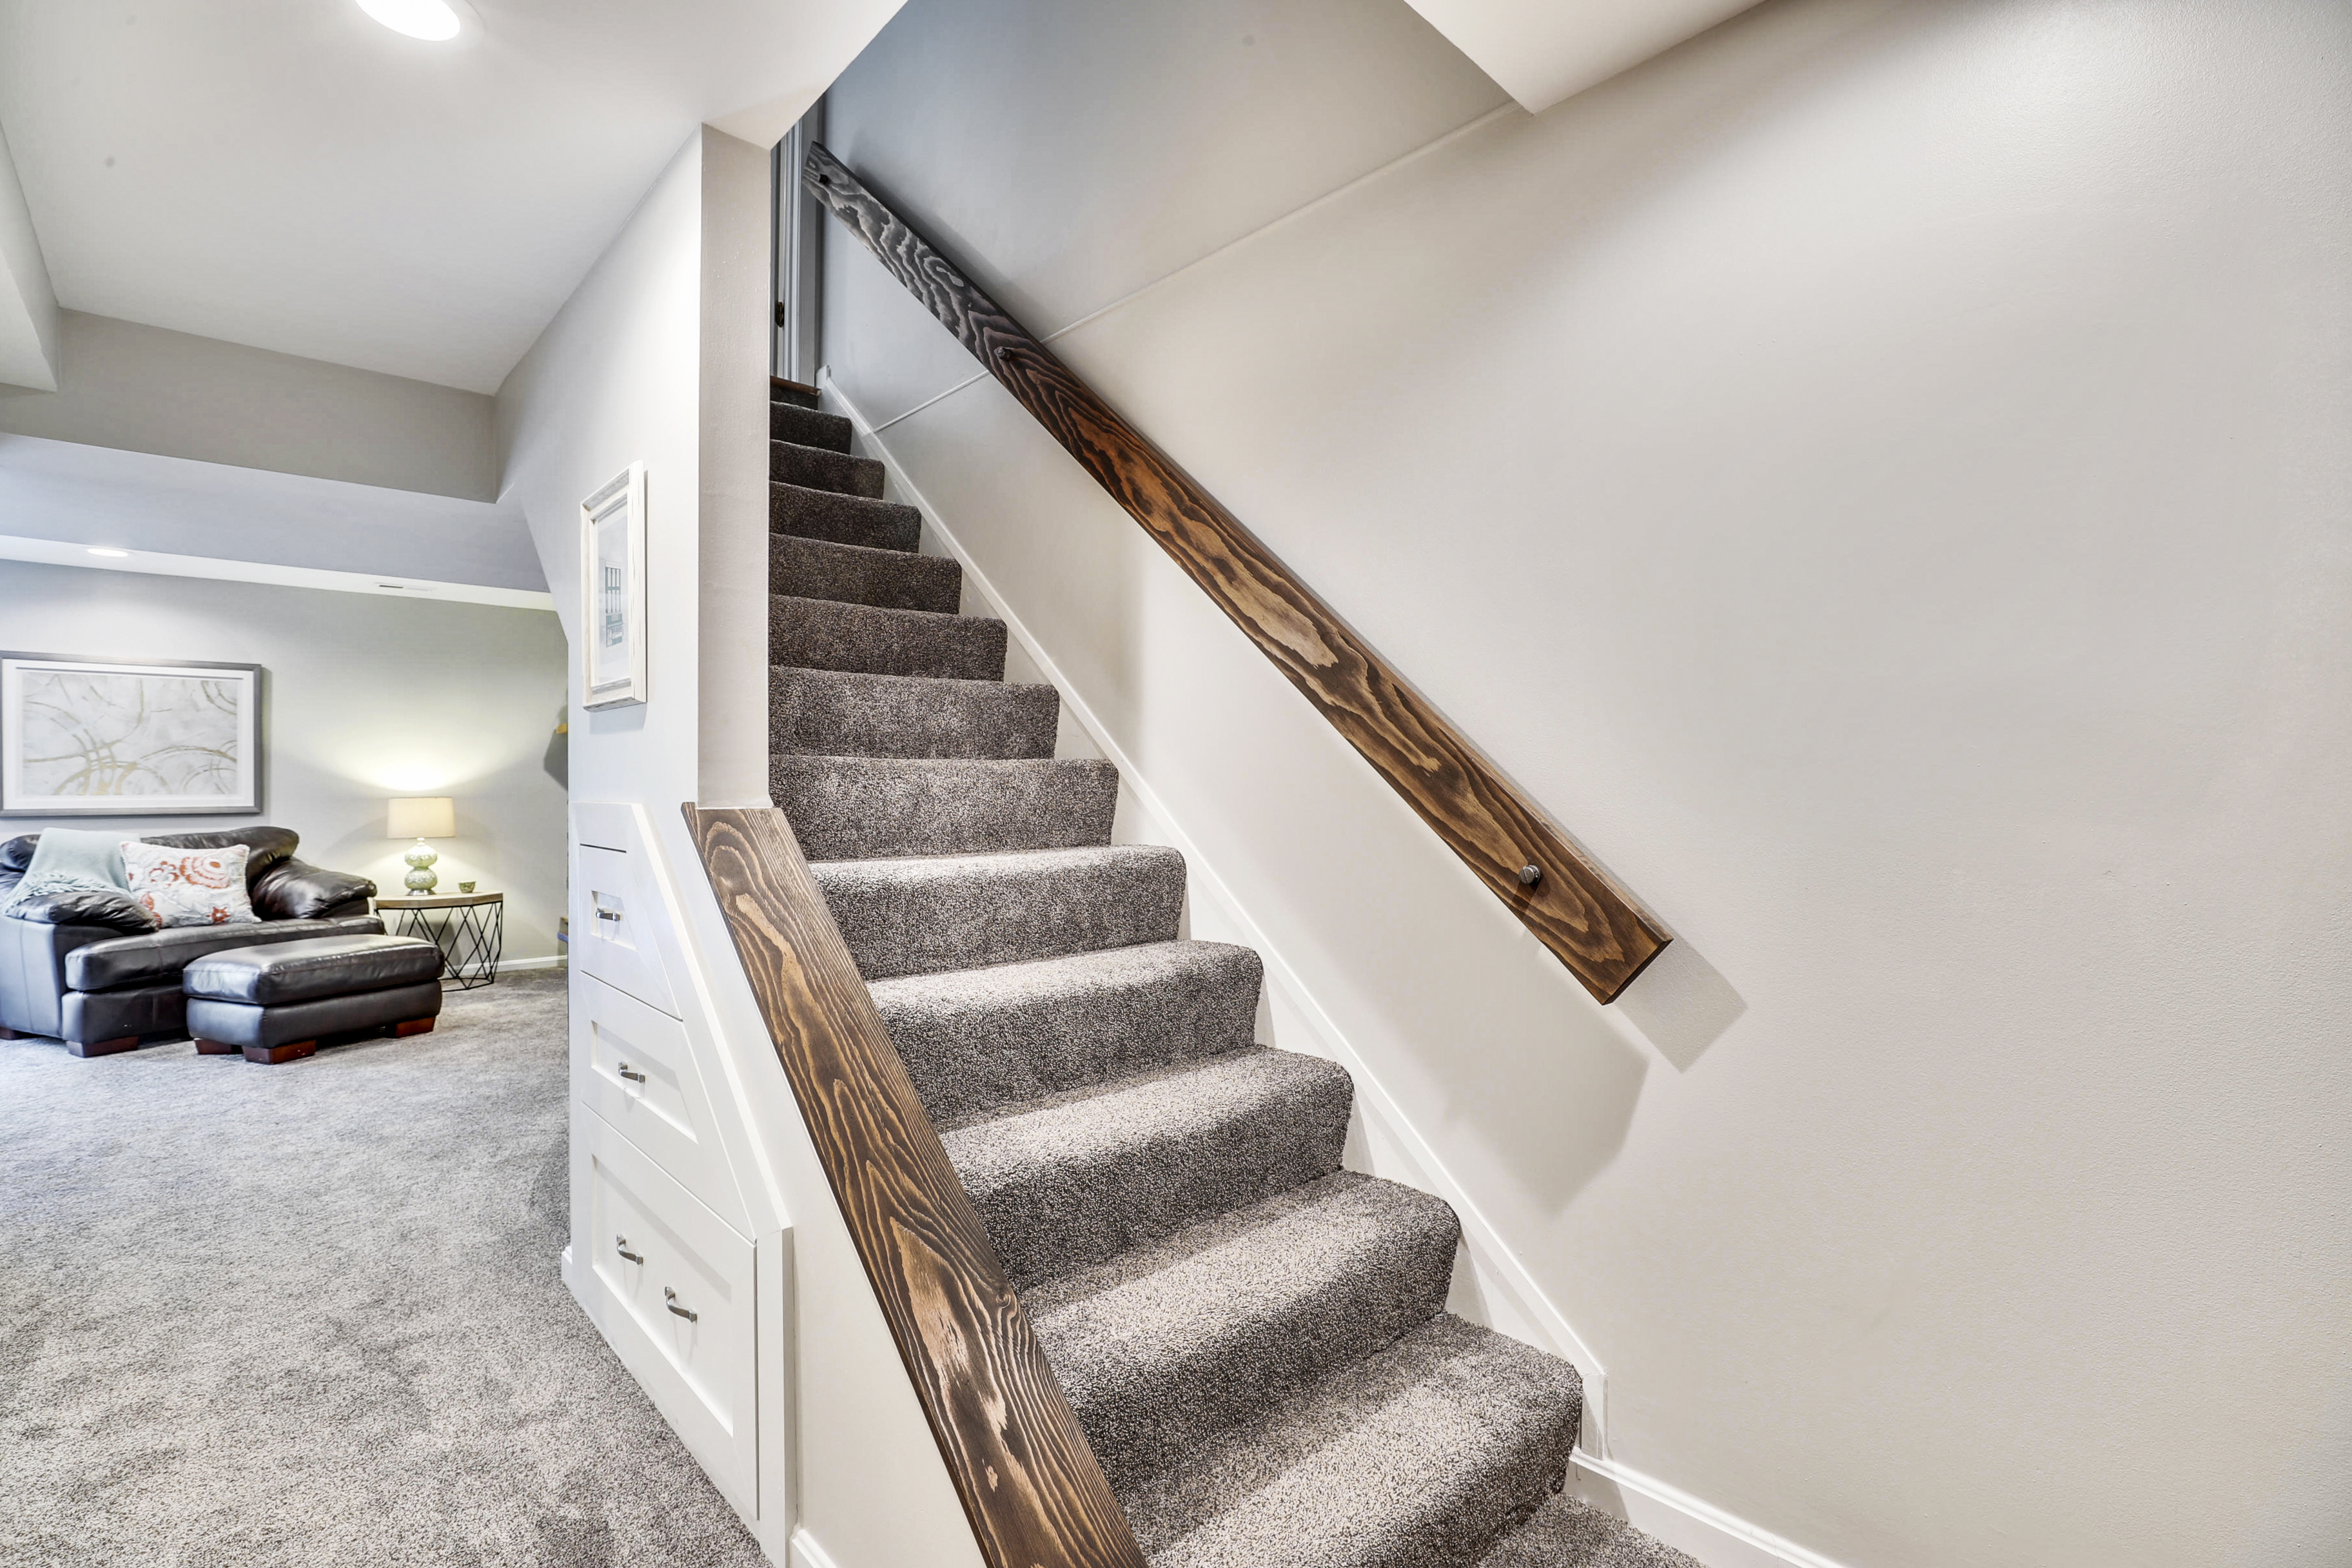 Interior-Stairs-12I6847